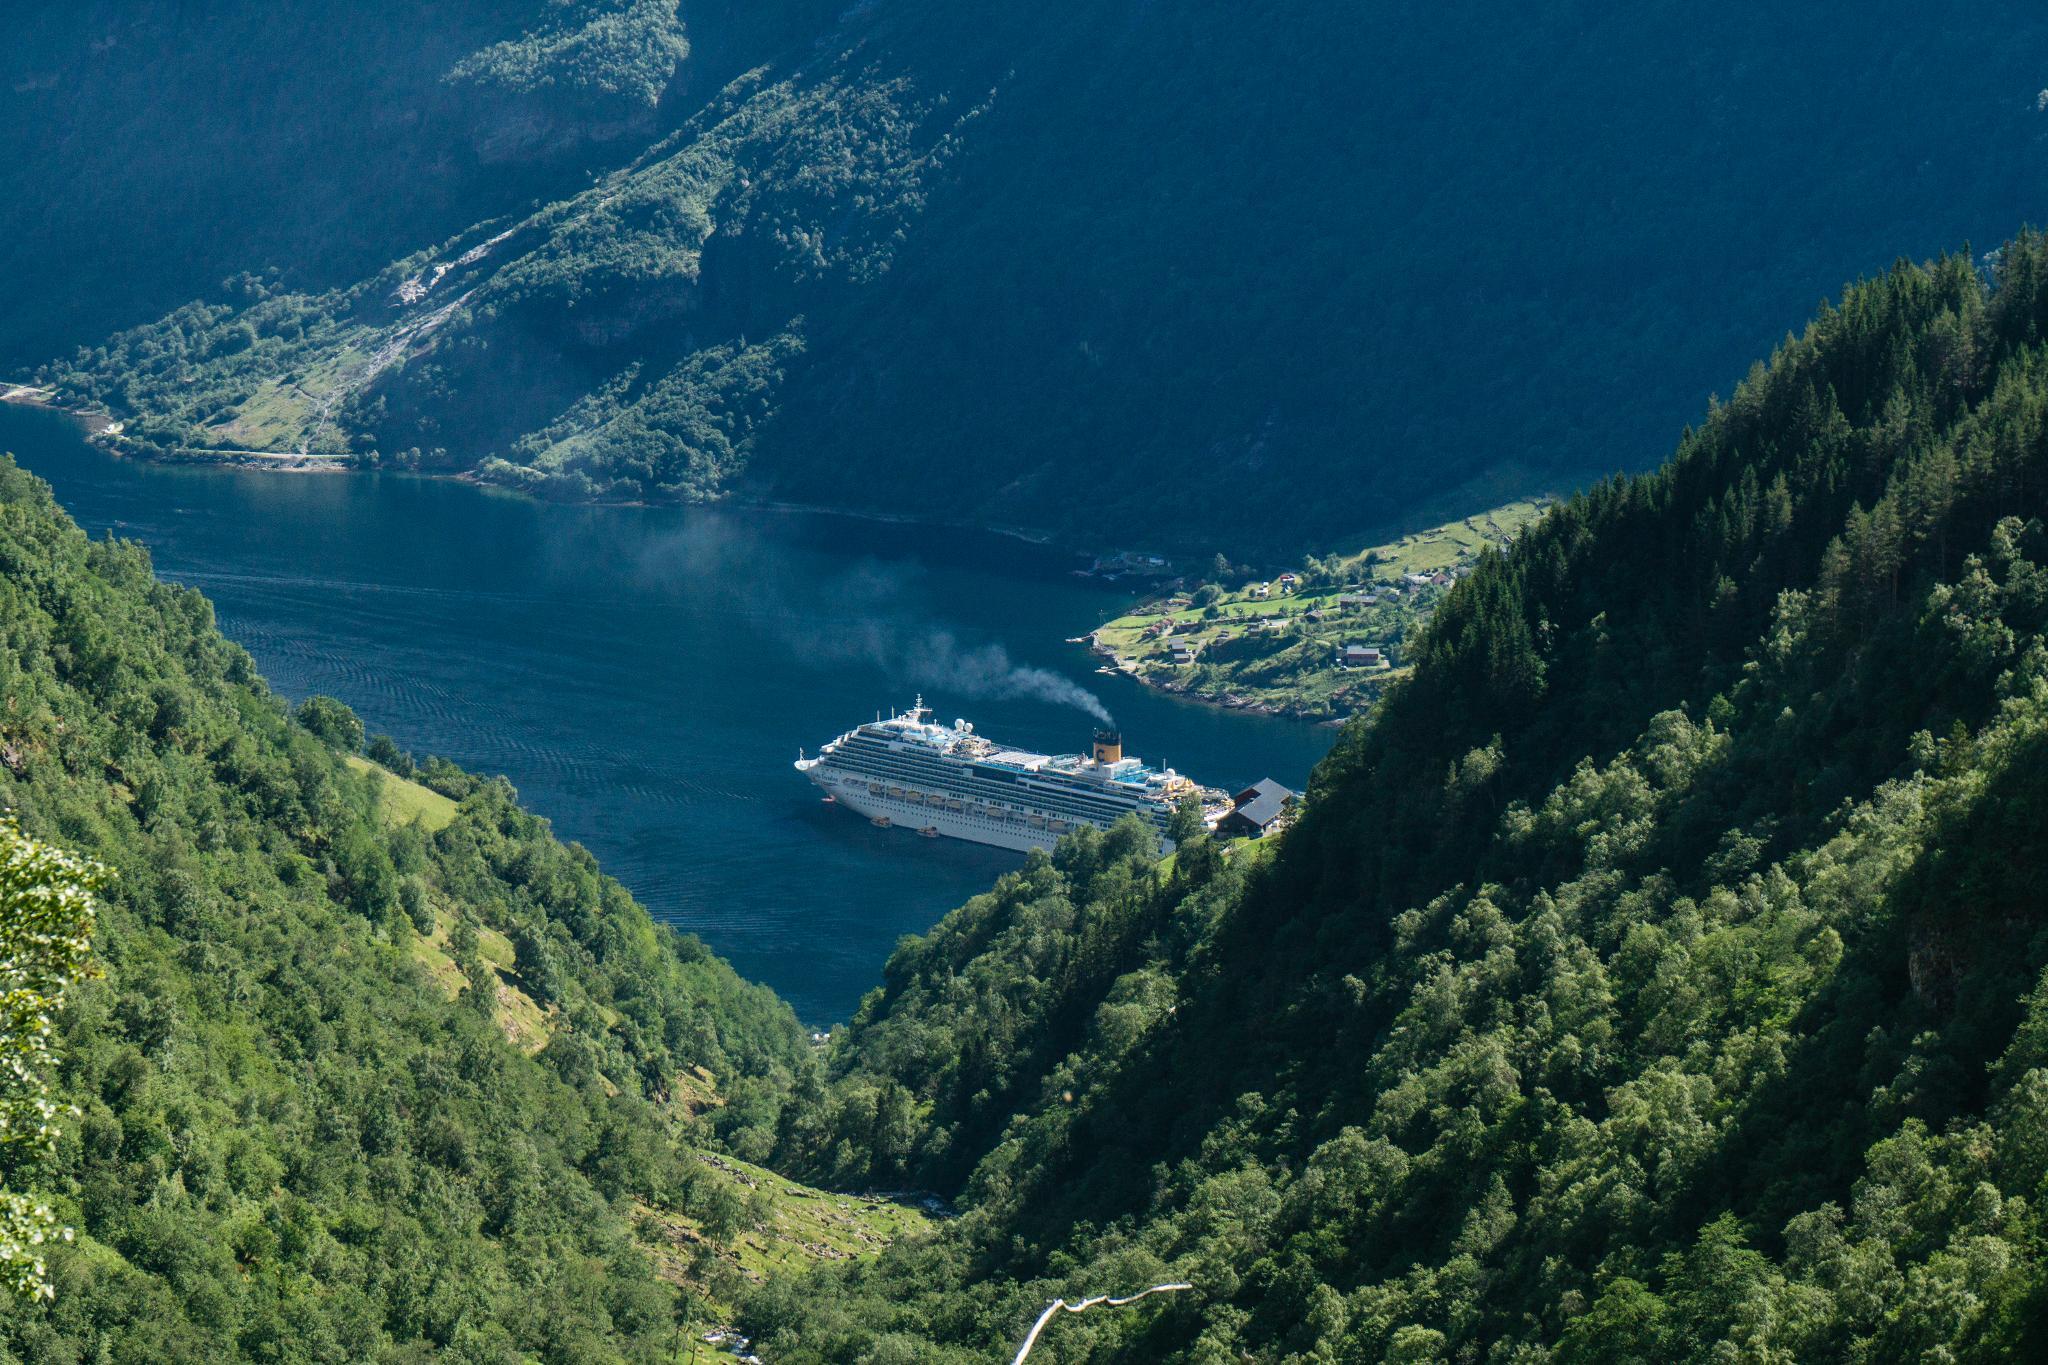 【北歐景點】Ørnesvingen 老鷹之路 ∣ 挪威世界遺產 — 蓋倫格峽灣景點總整理 10